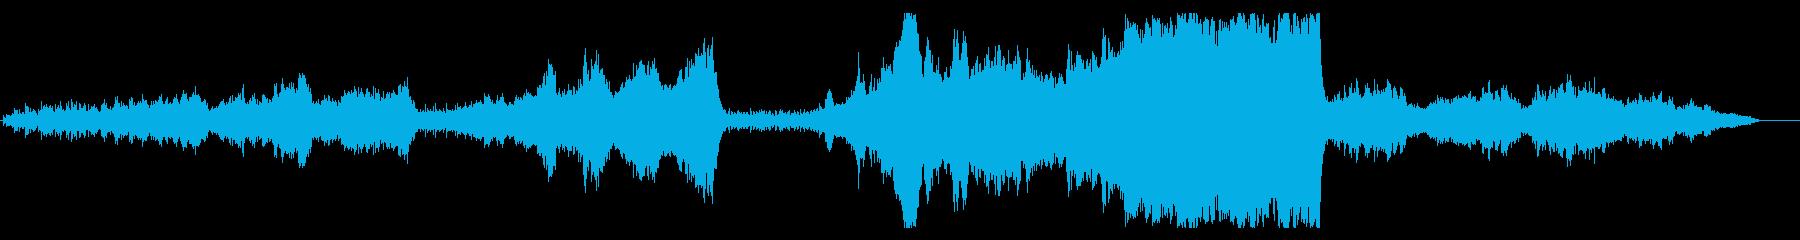 大自然壮大オーケストラ per pno無の再生済みの波形